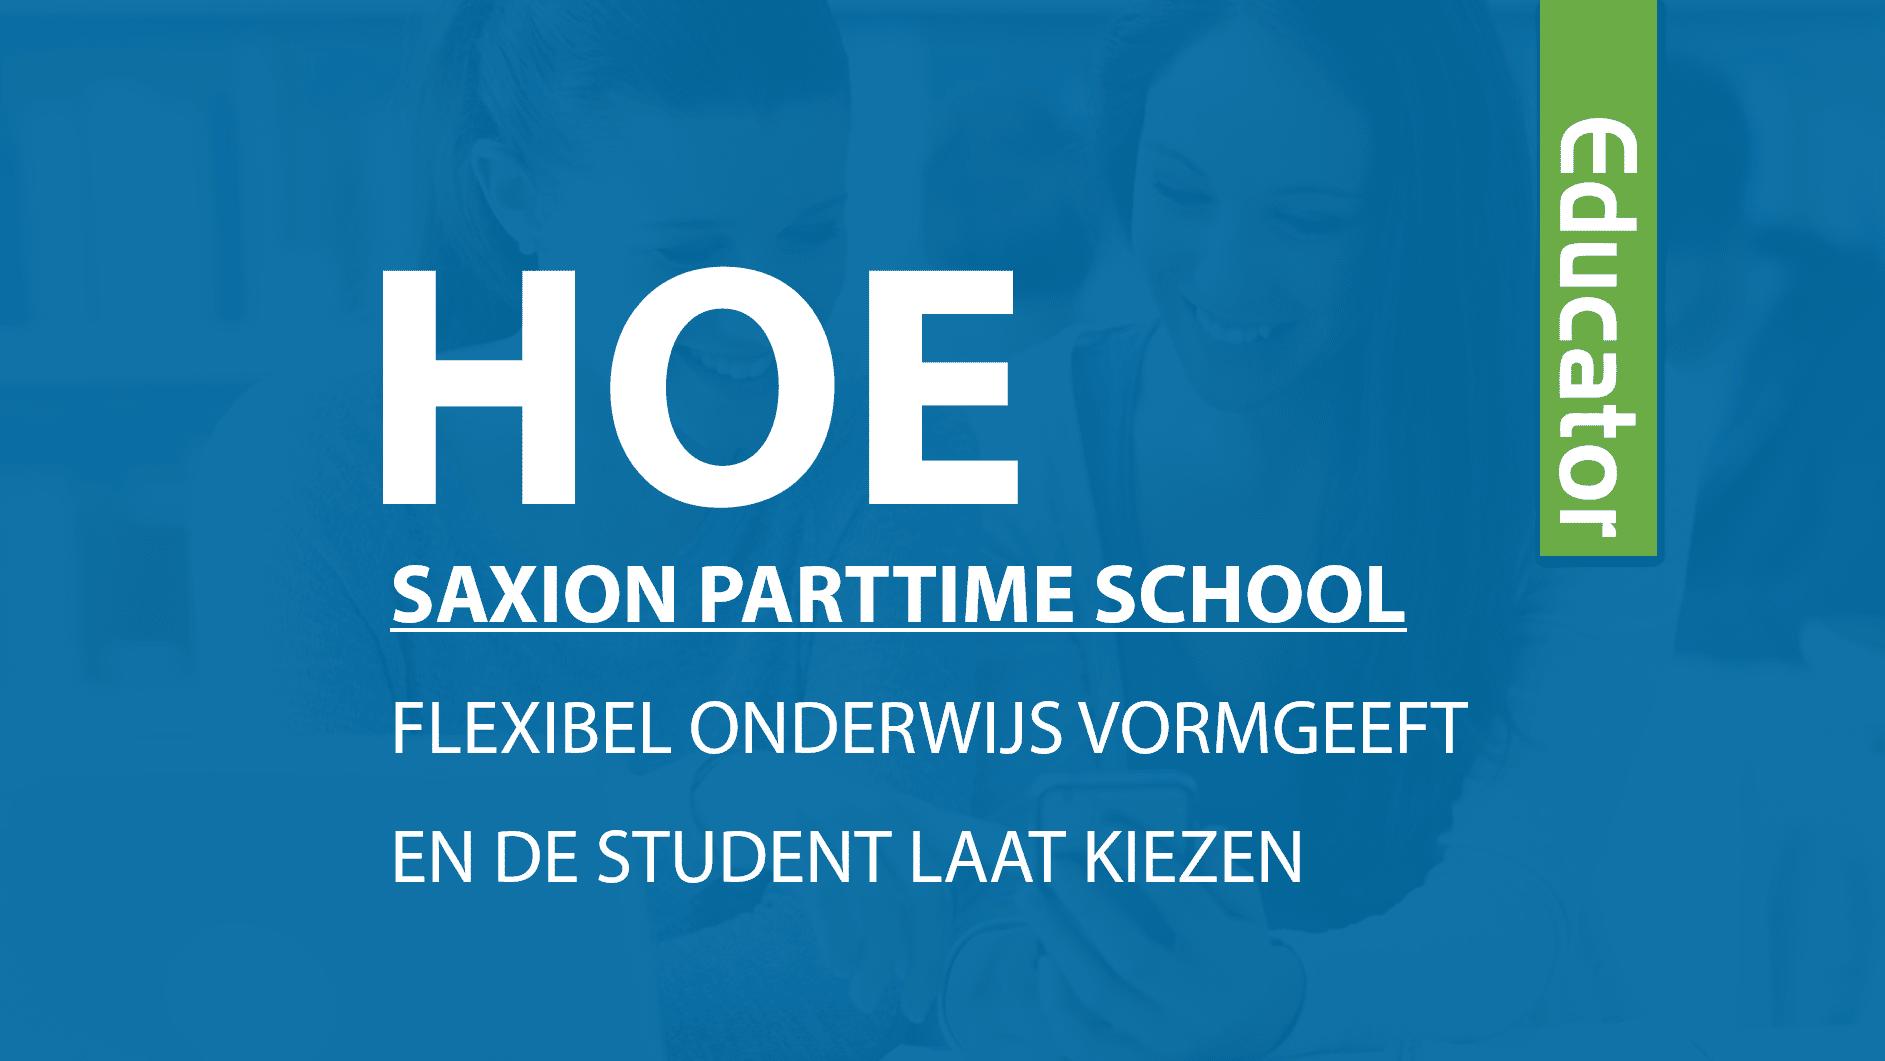 Flexibel onderwijs voor studenten van Saxion Parttime School